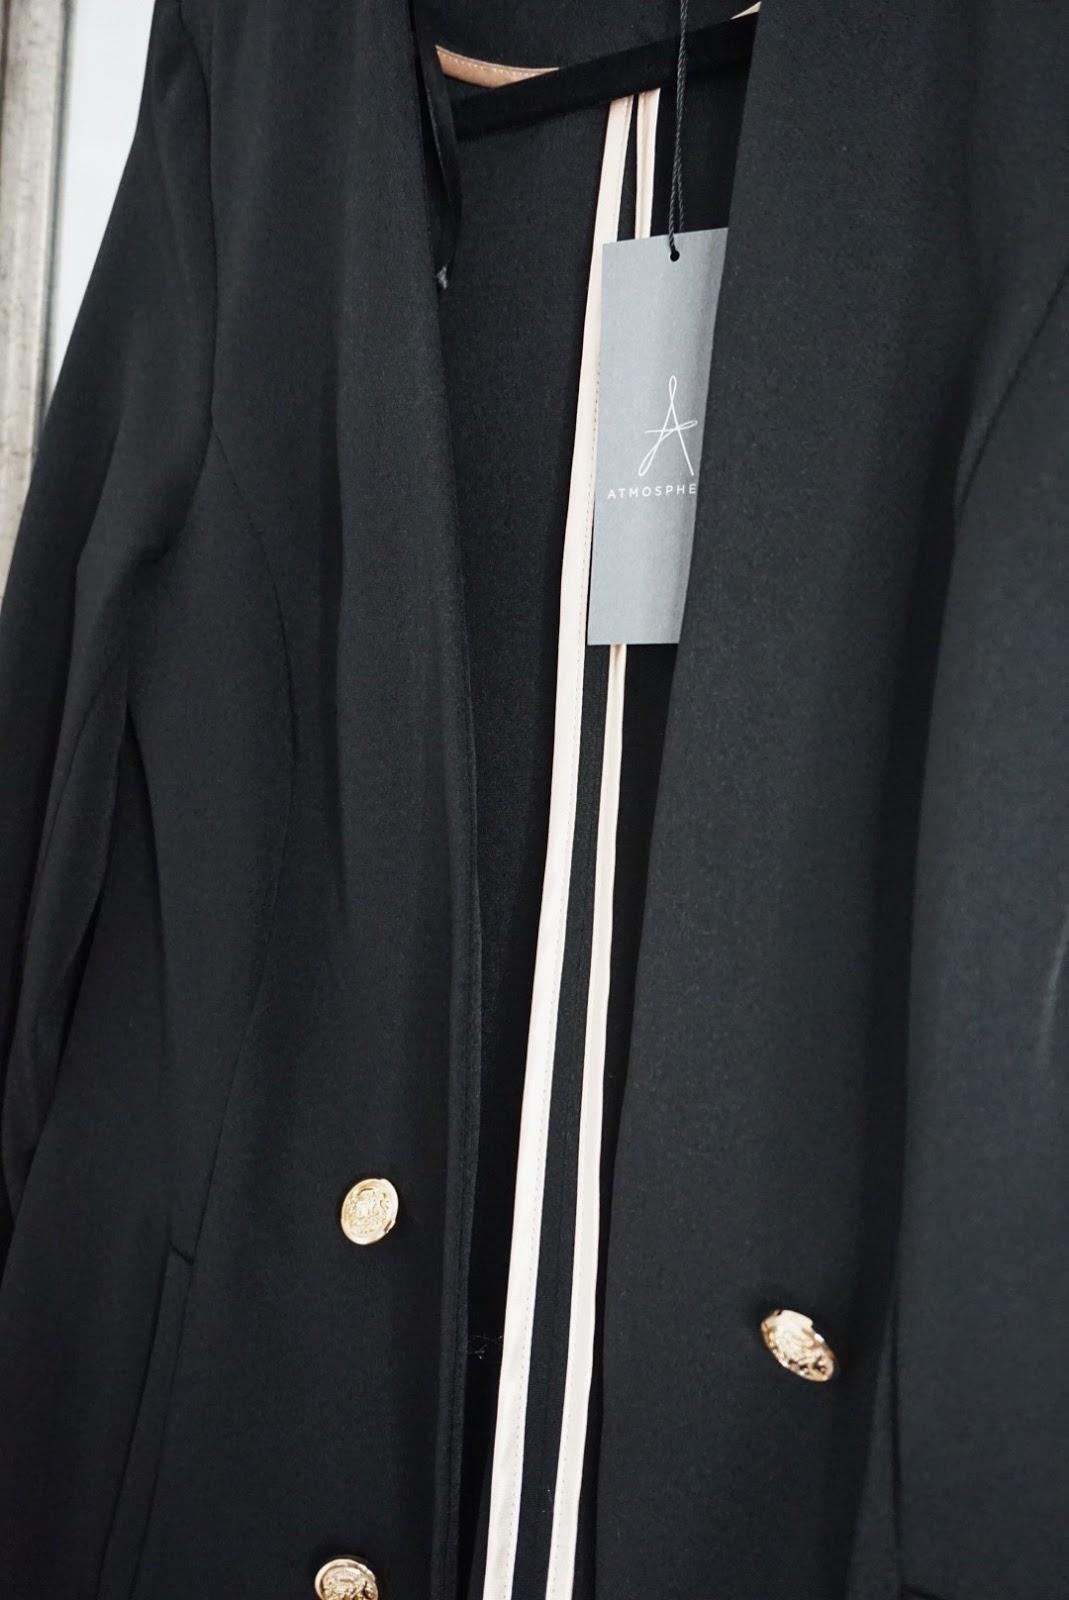 Primark black blazer